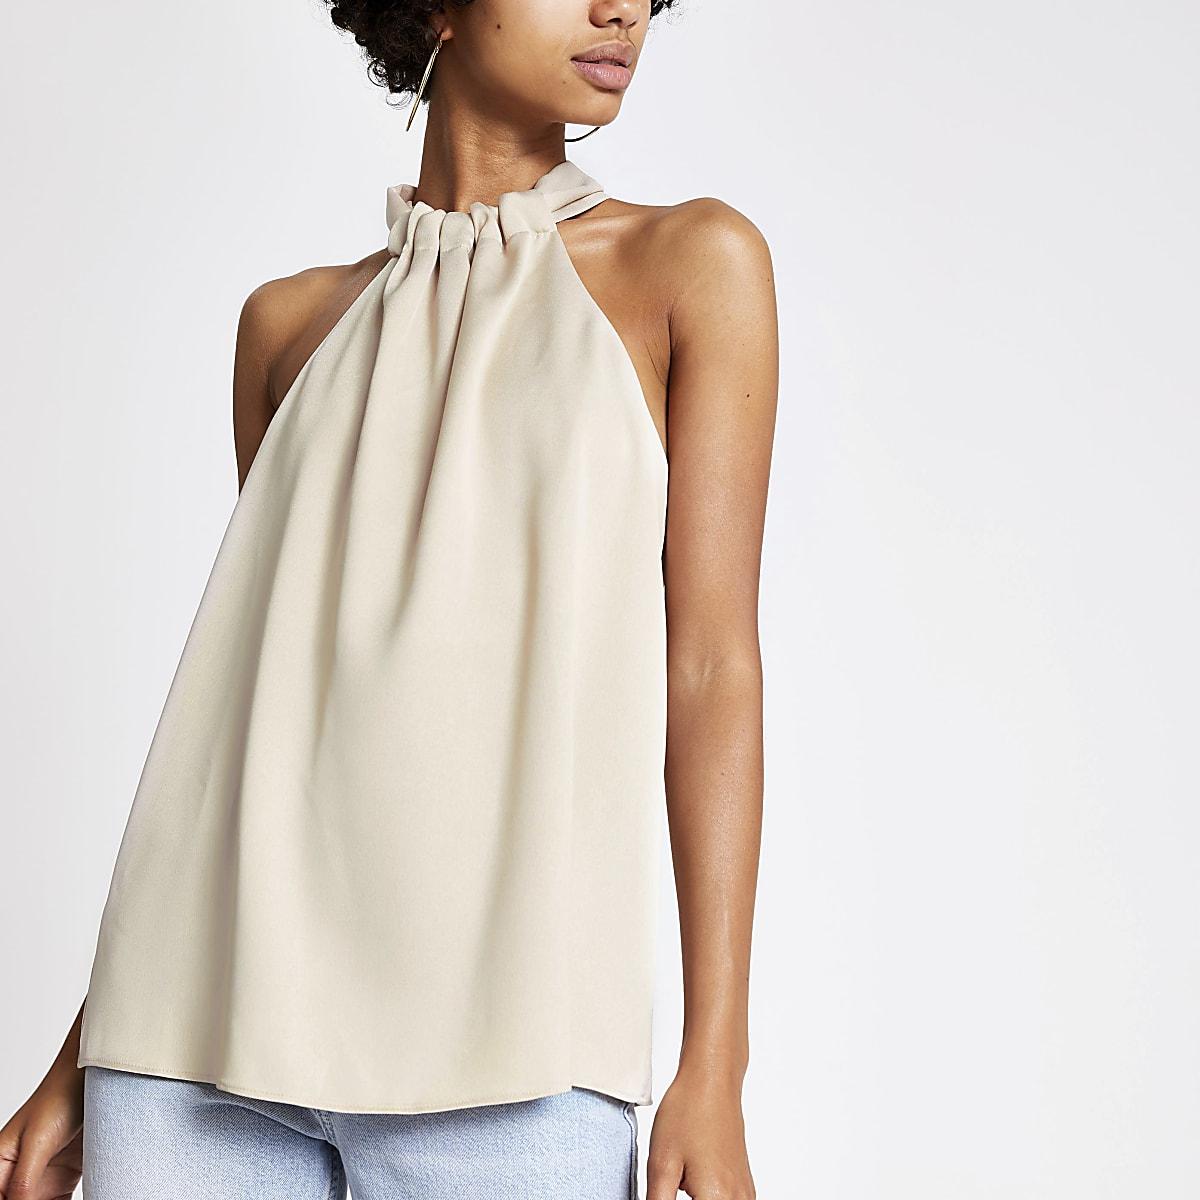 Light beige halter neck top